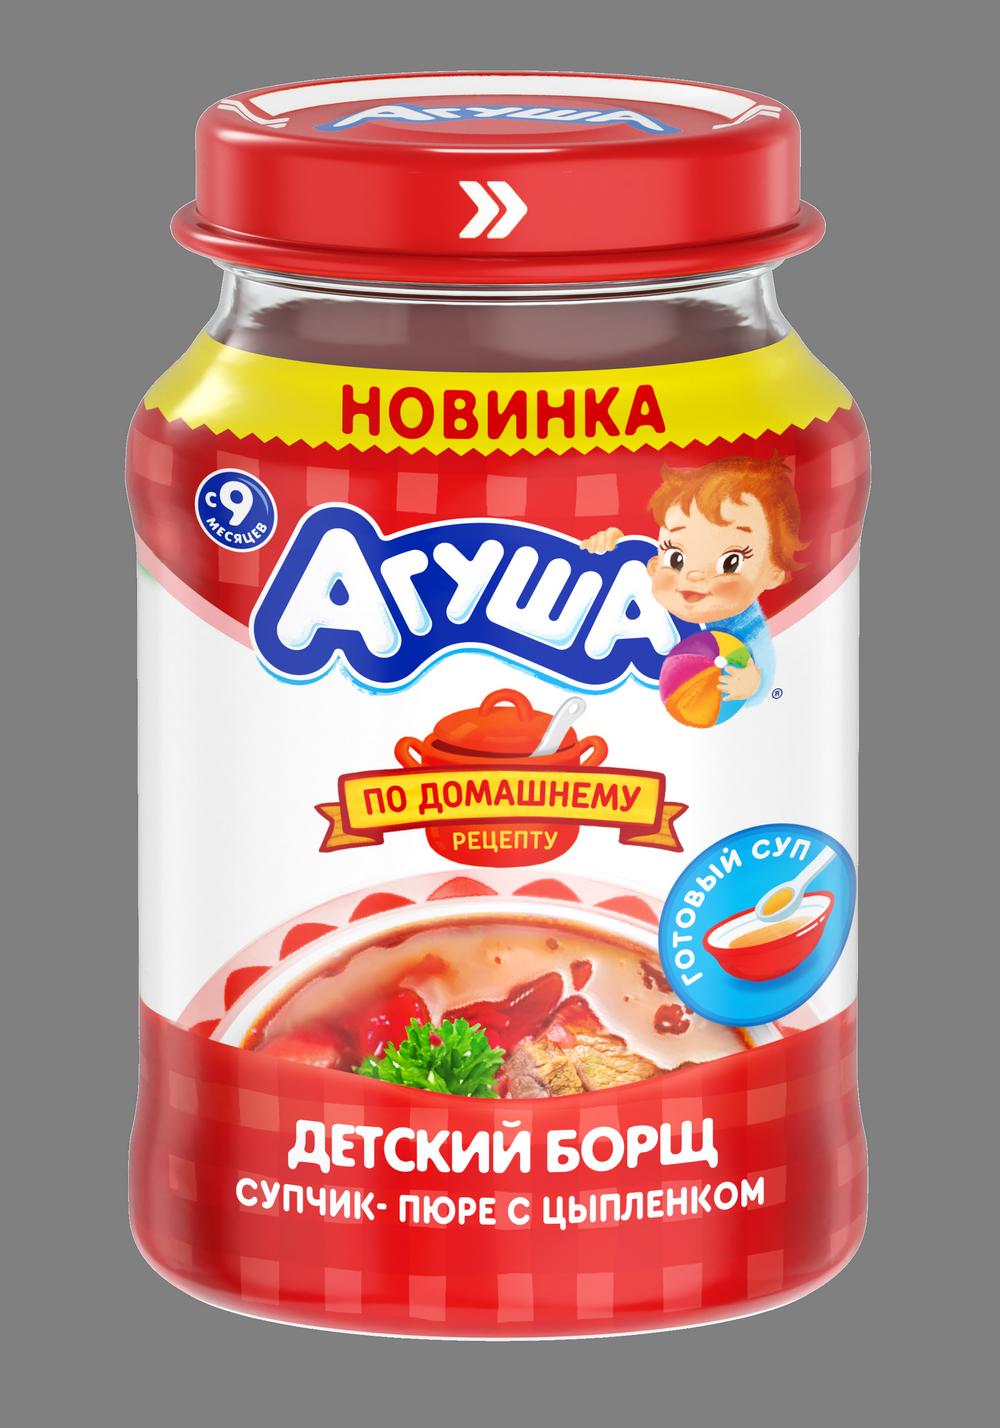 Борщ суп-пюре Агуша с цыпленком, 170г